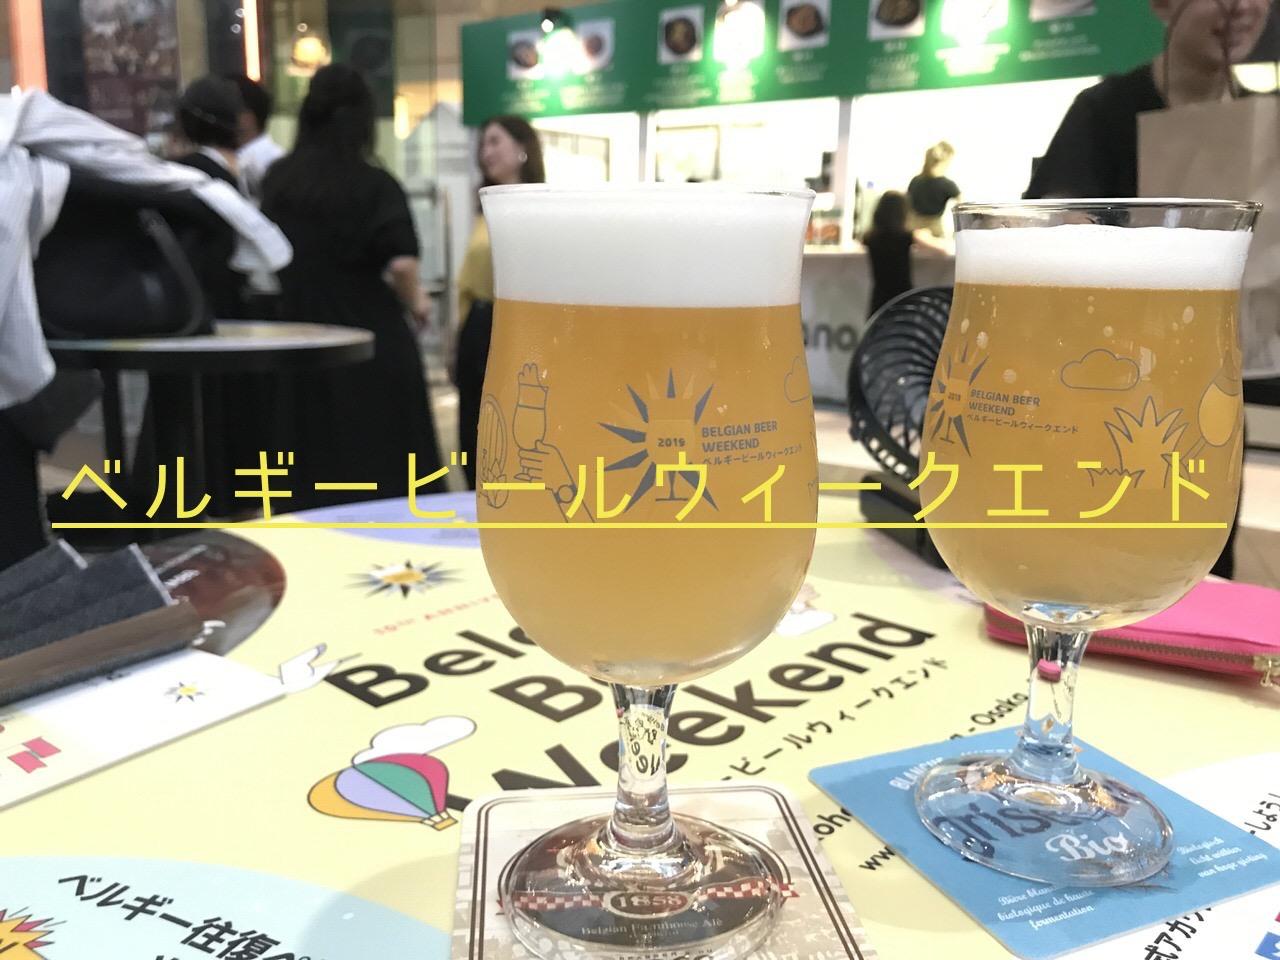 55種類ものベルギービールが楽しめる「ベルギービールウィークエンド」六本木ヒルズアリーナで開催(9/16まで)